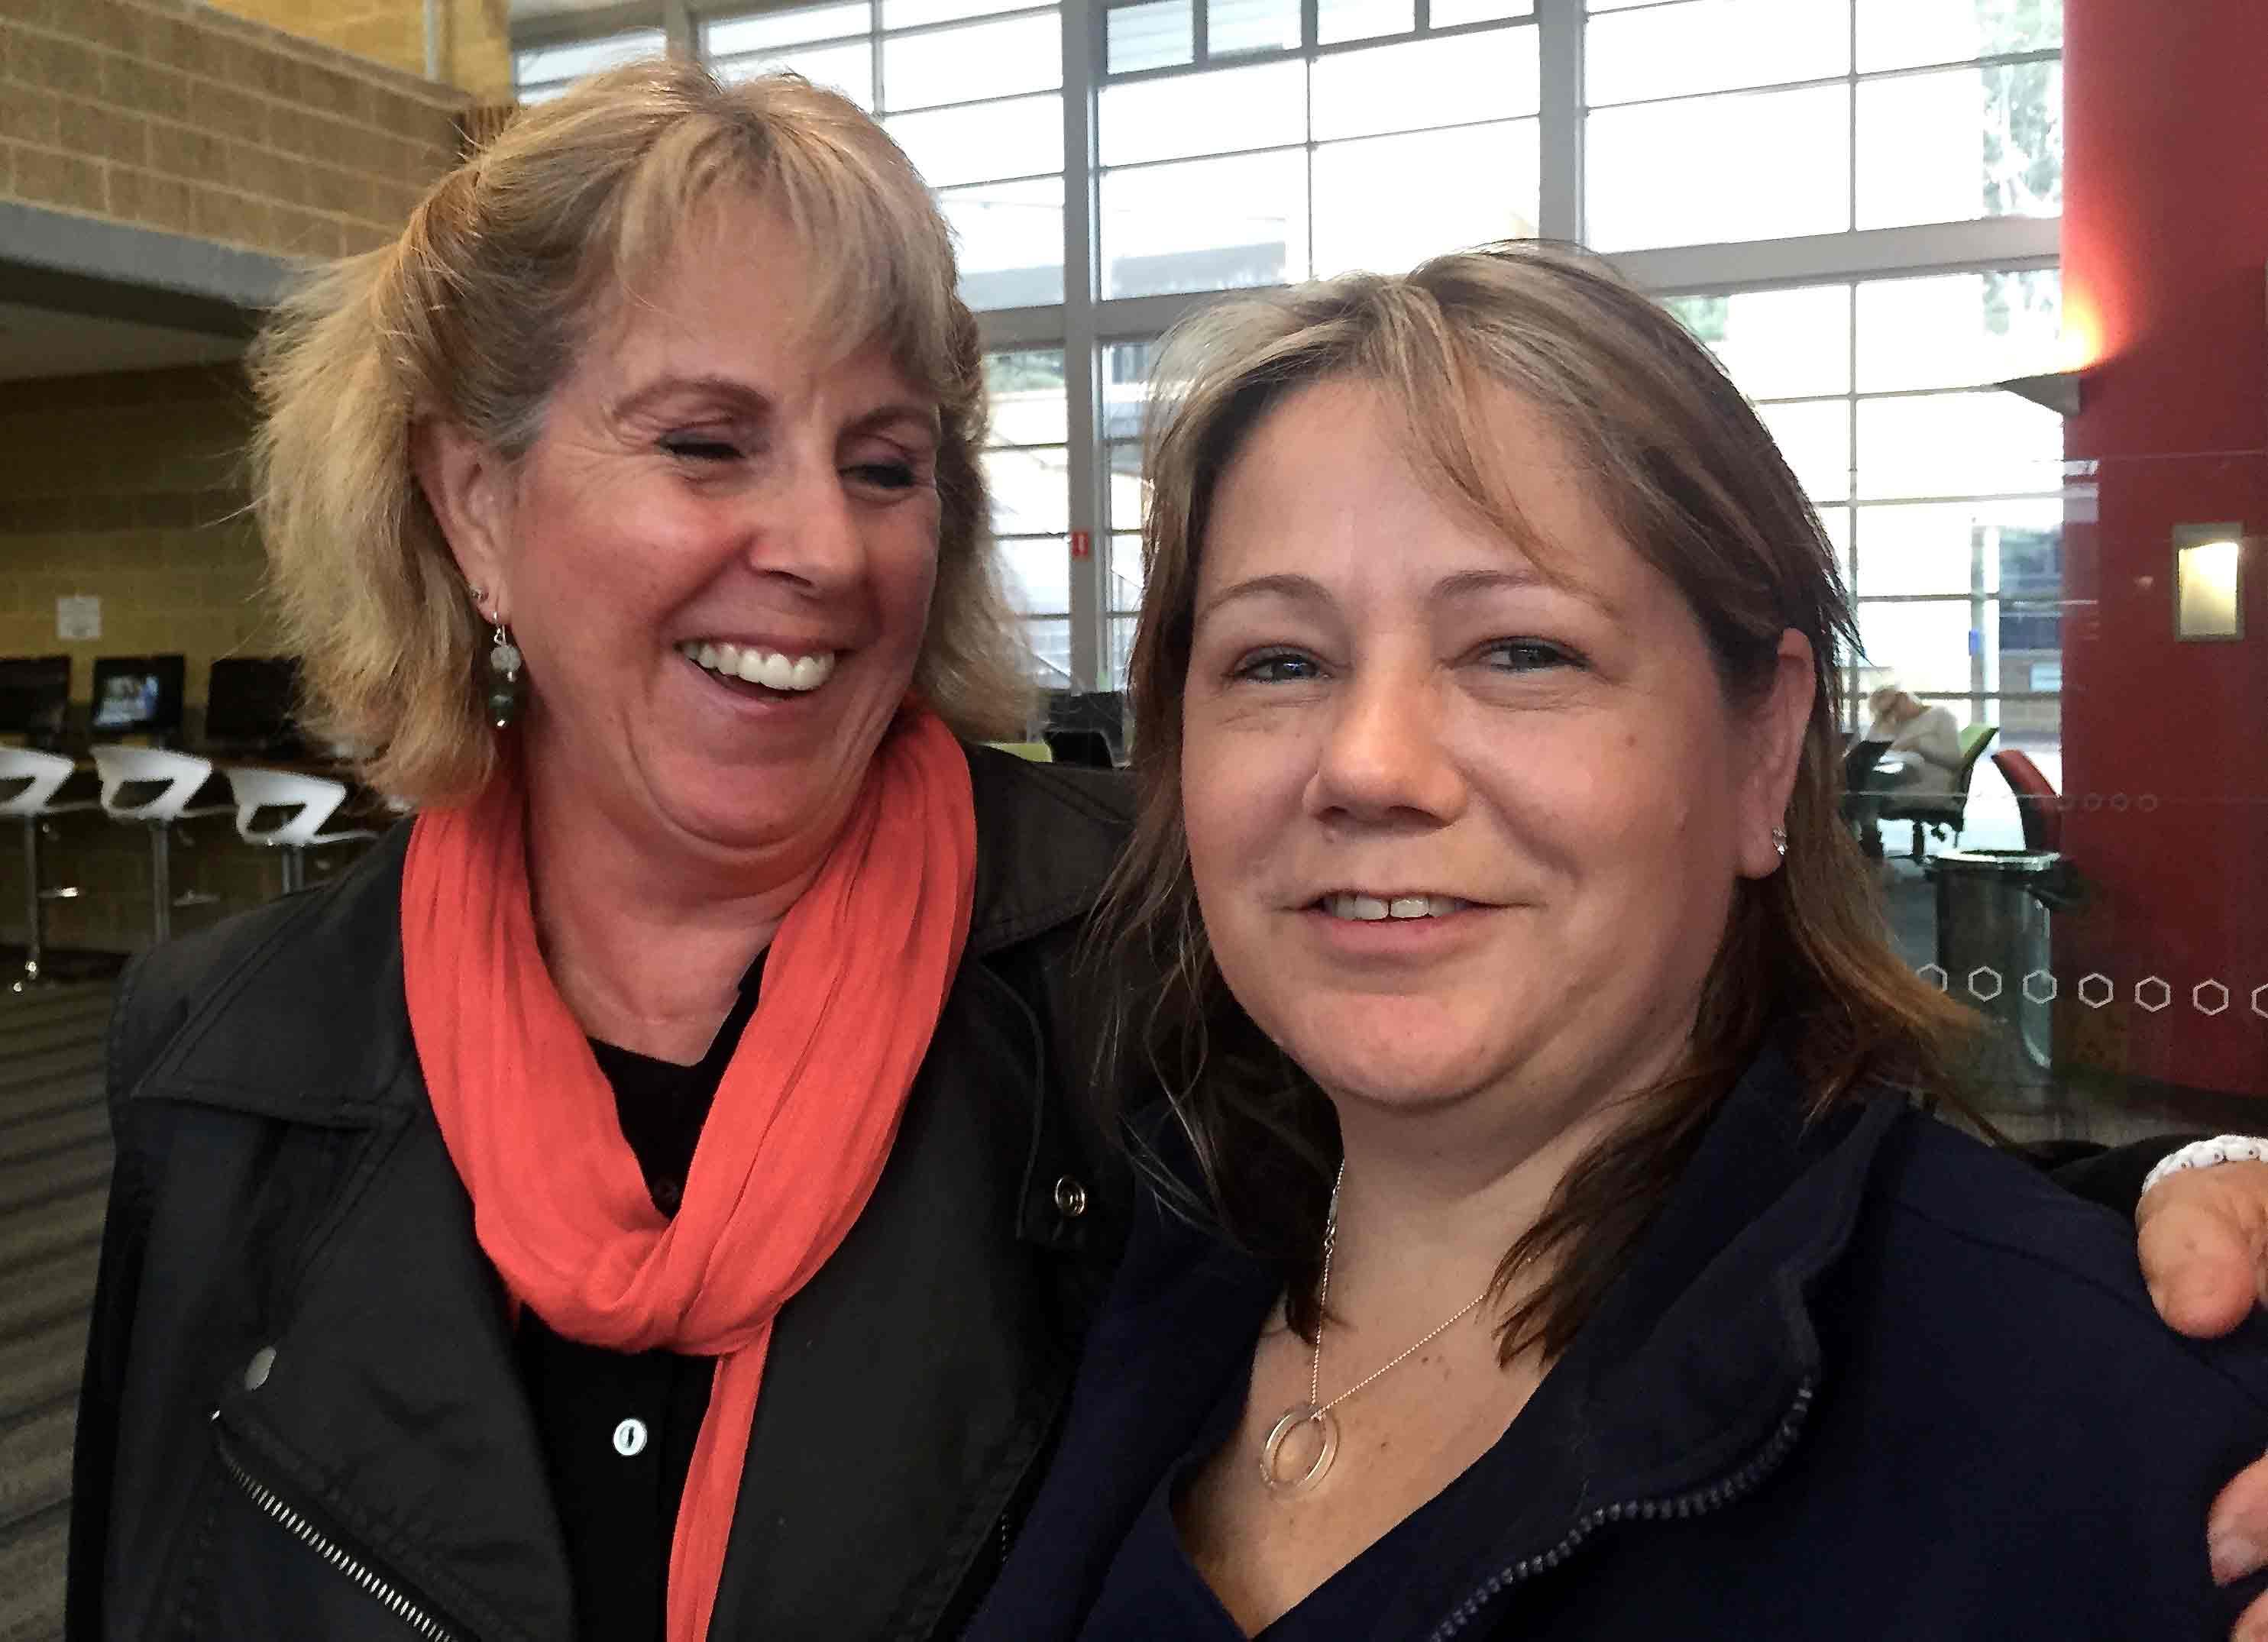 Carol and Jill